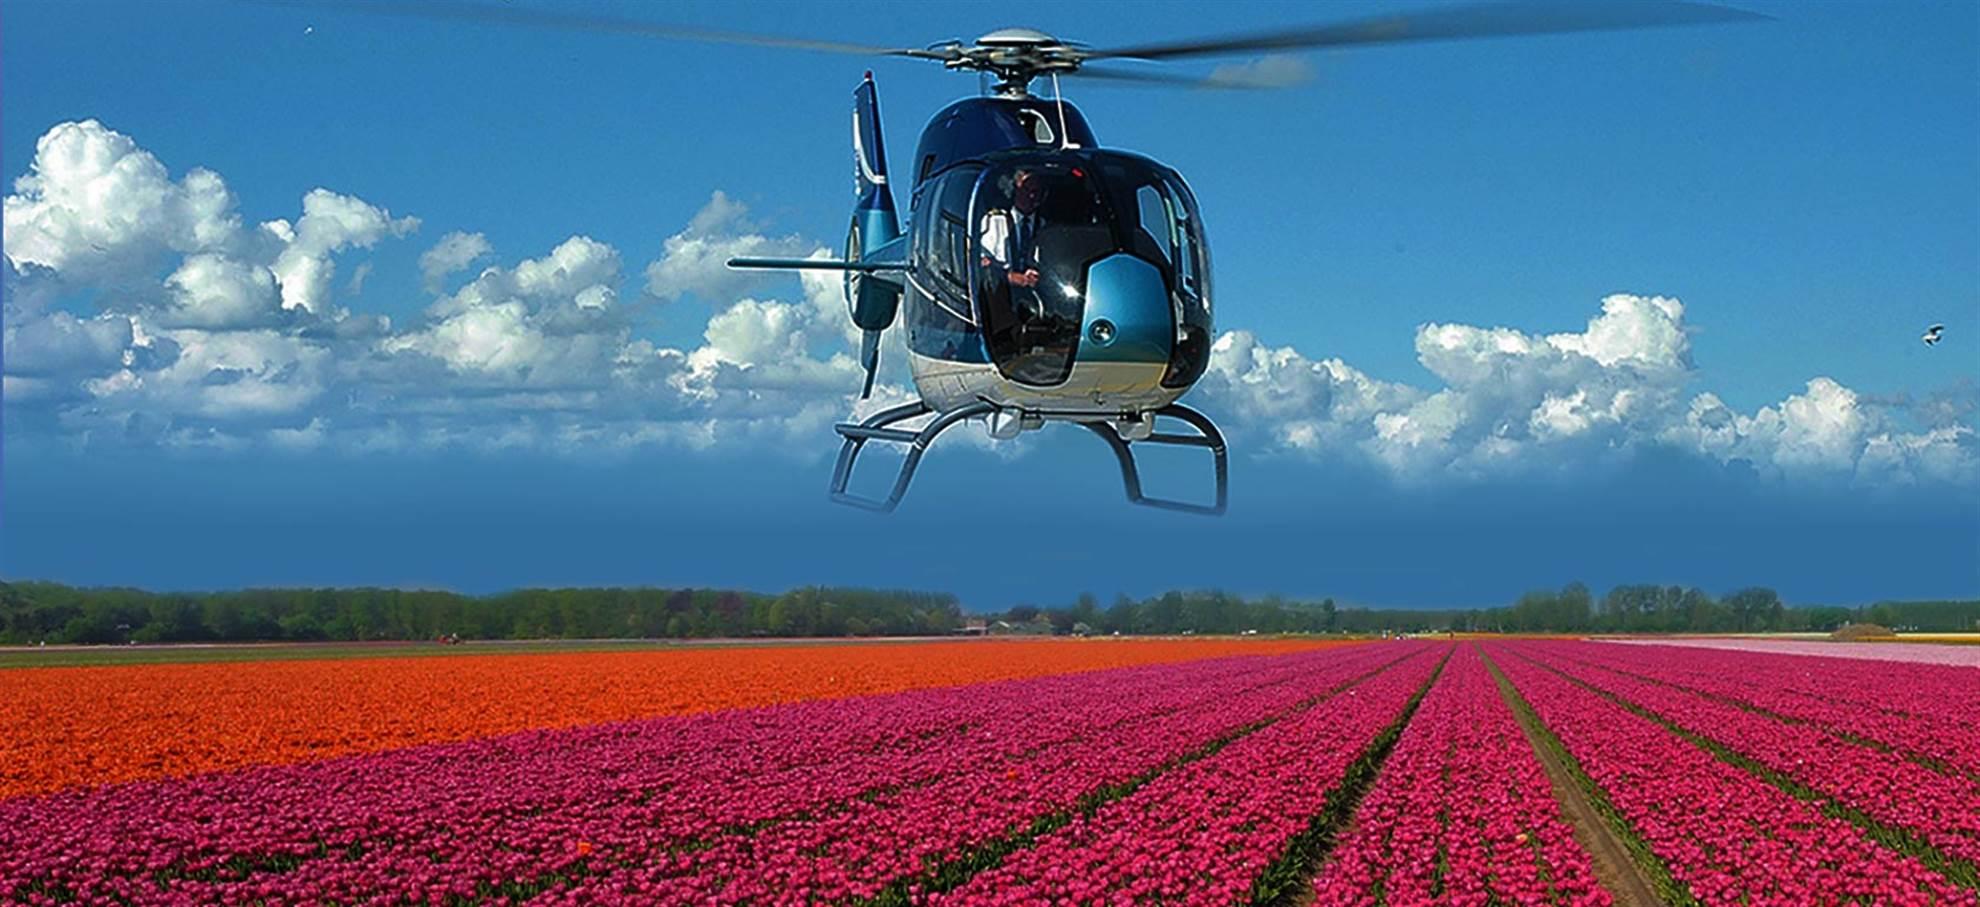 Excursion en hélicoptère de Keukenhof (entrée Keukenhof comprise)